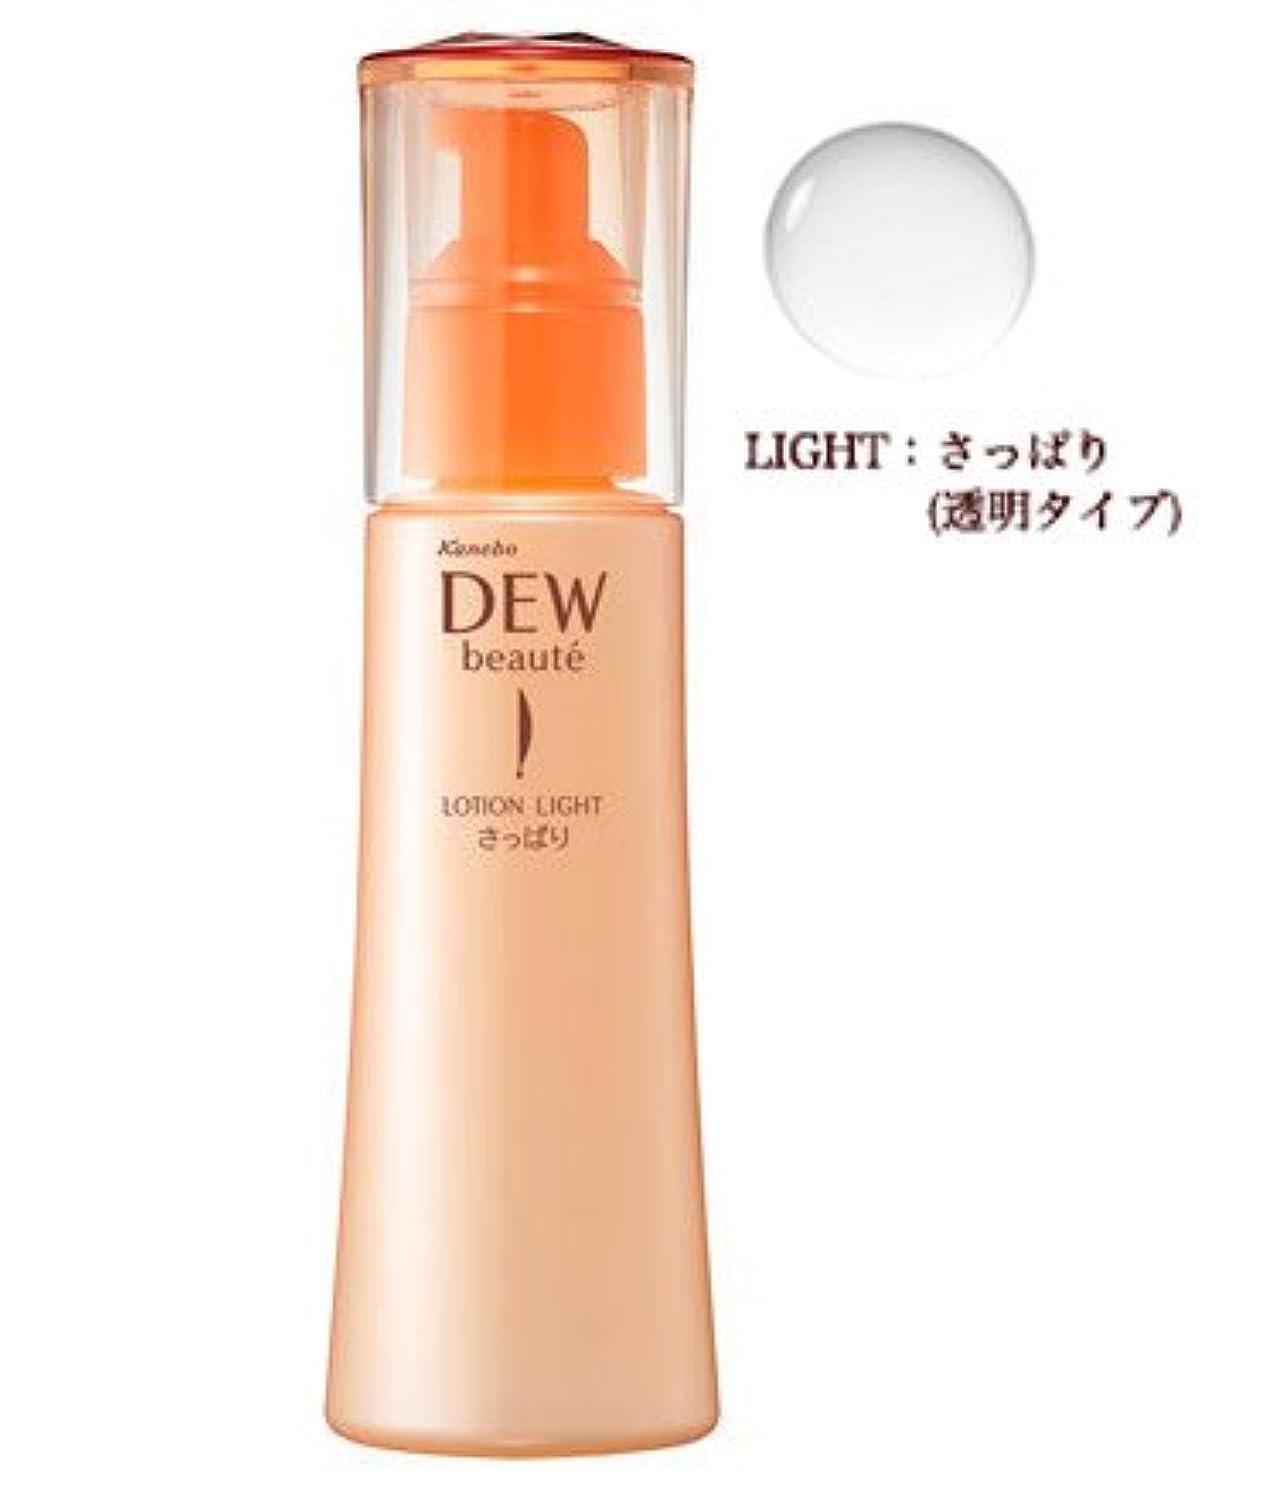 宗教仕様カイウス【カネボウ化粧品】DEW ボーテ ローションライト 150ml